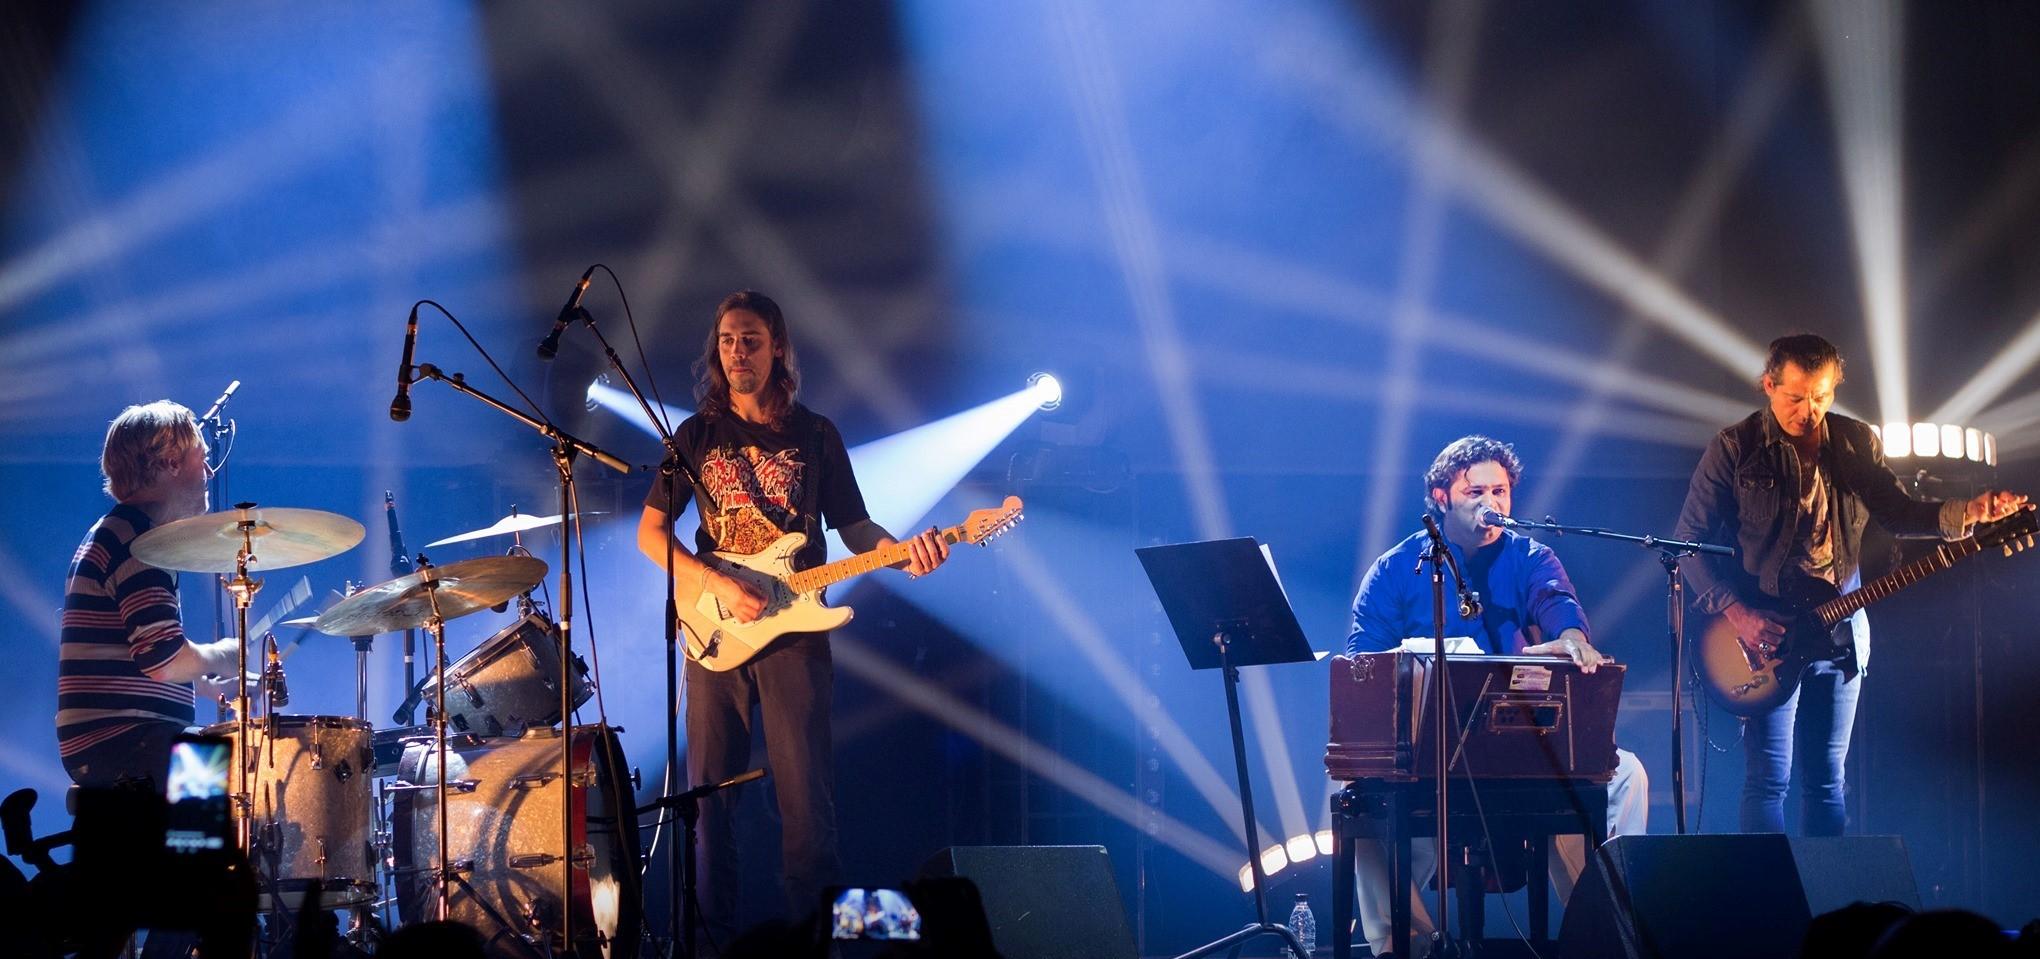 Rocqawali band